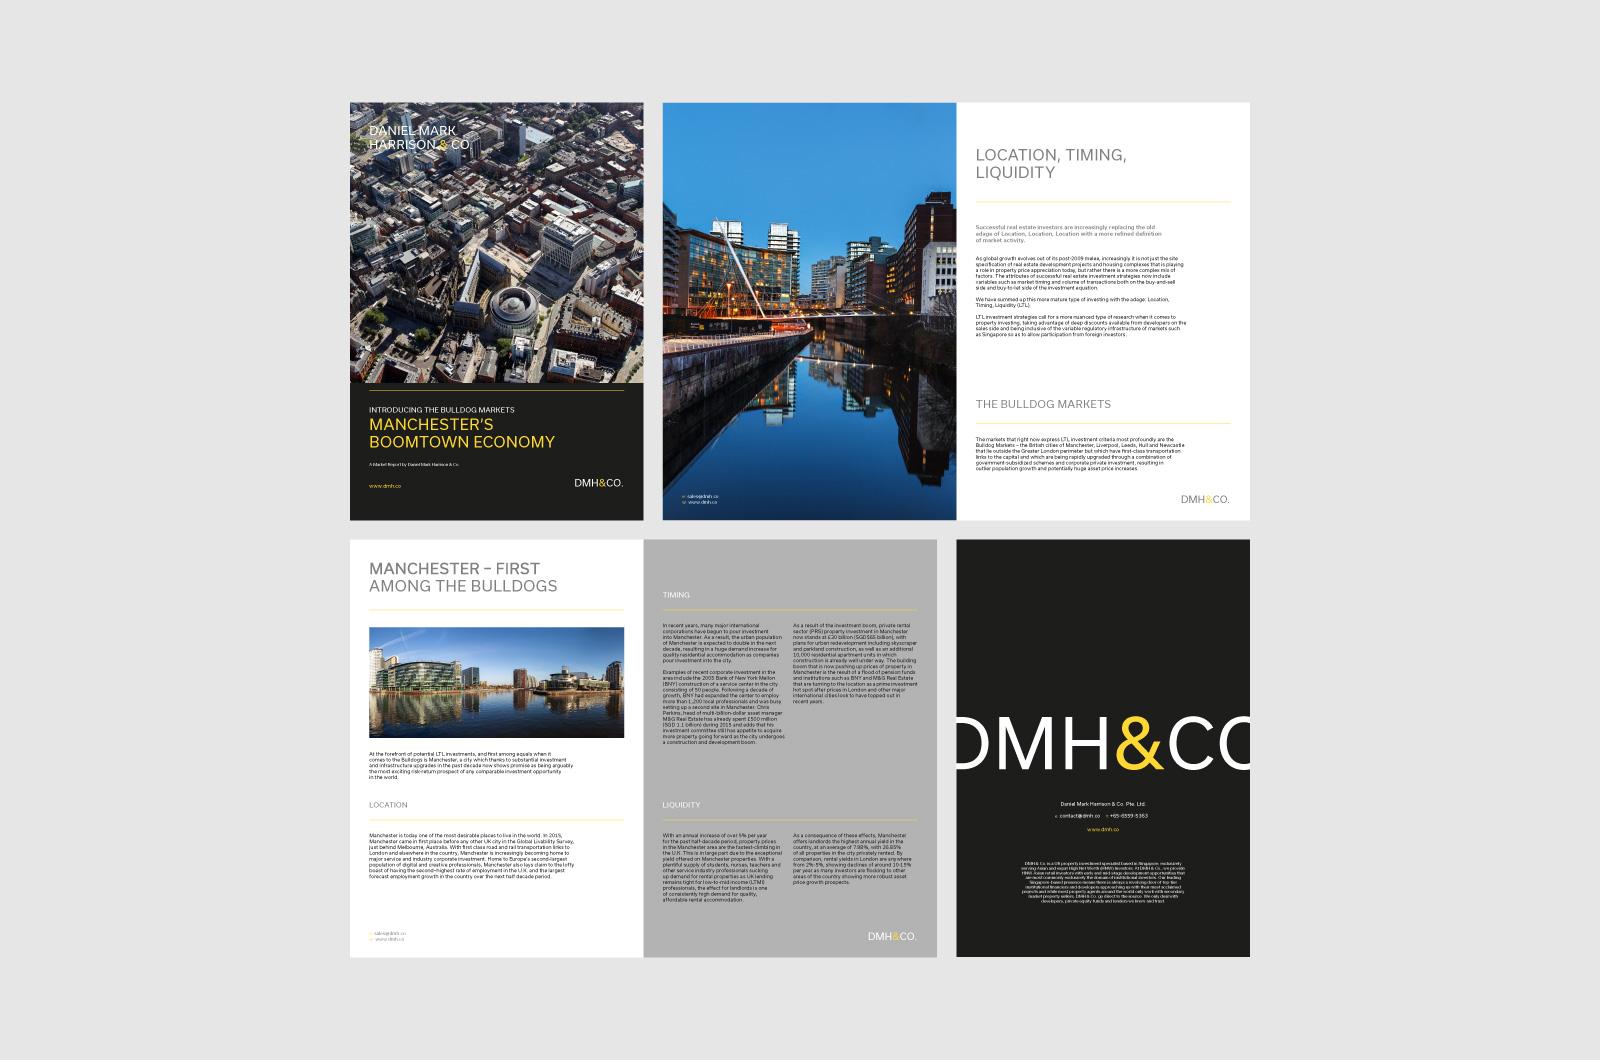 DMH&CO Digital Guide